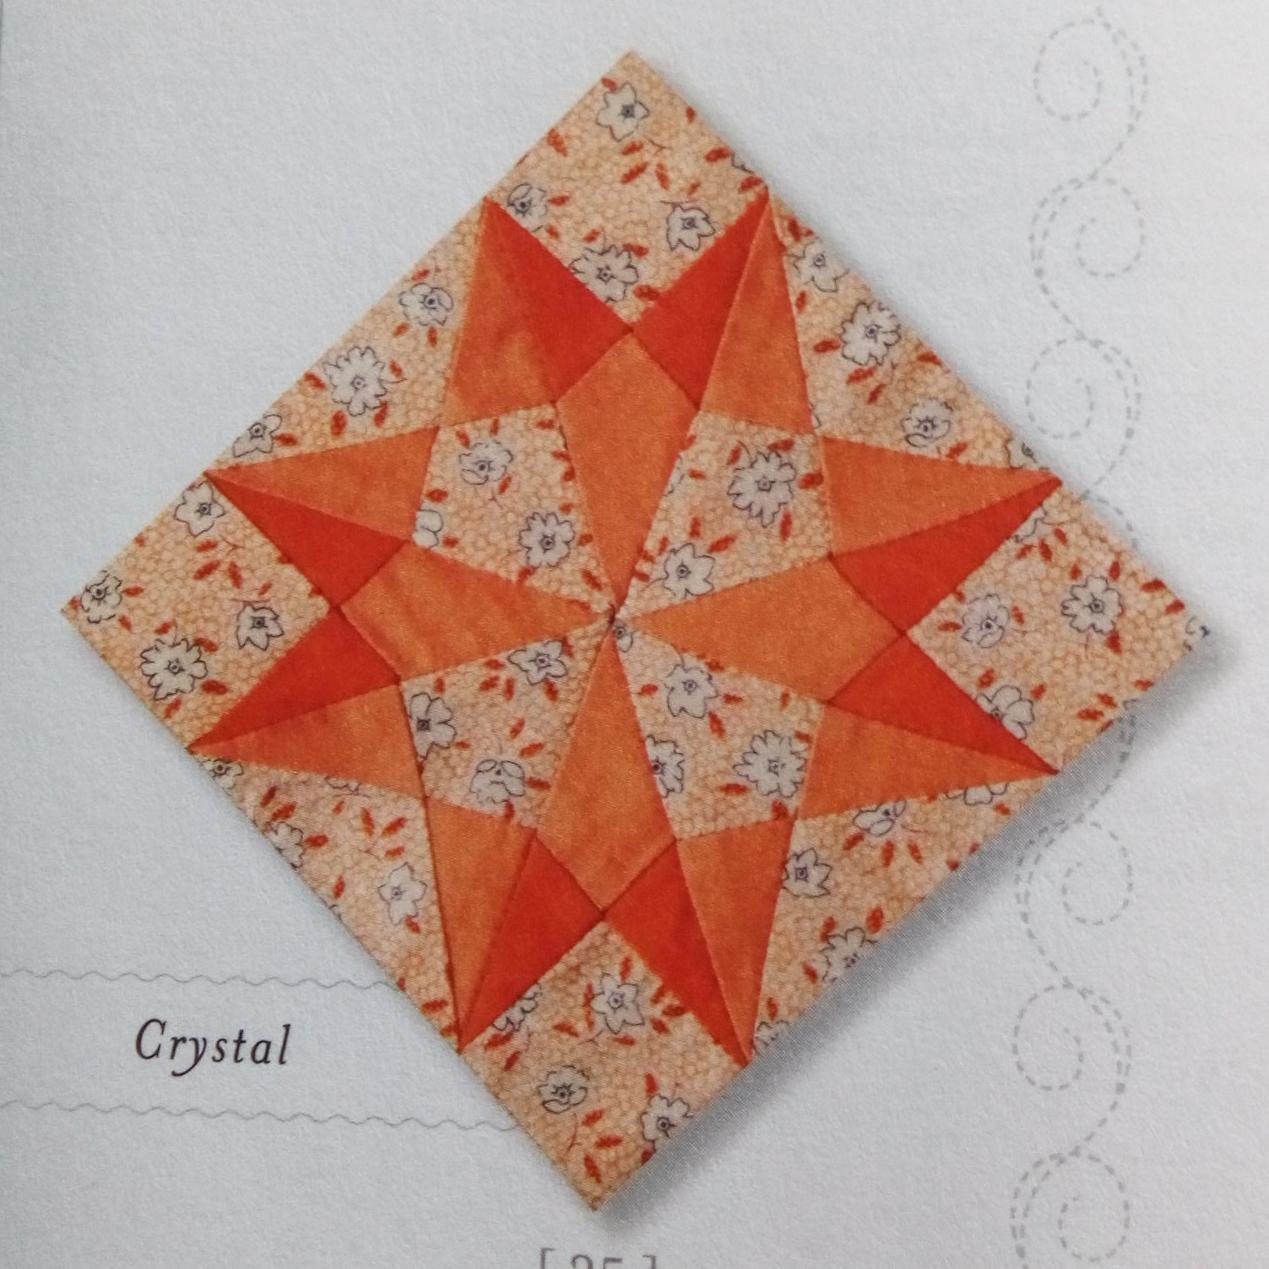 Crystal: Coming November 23